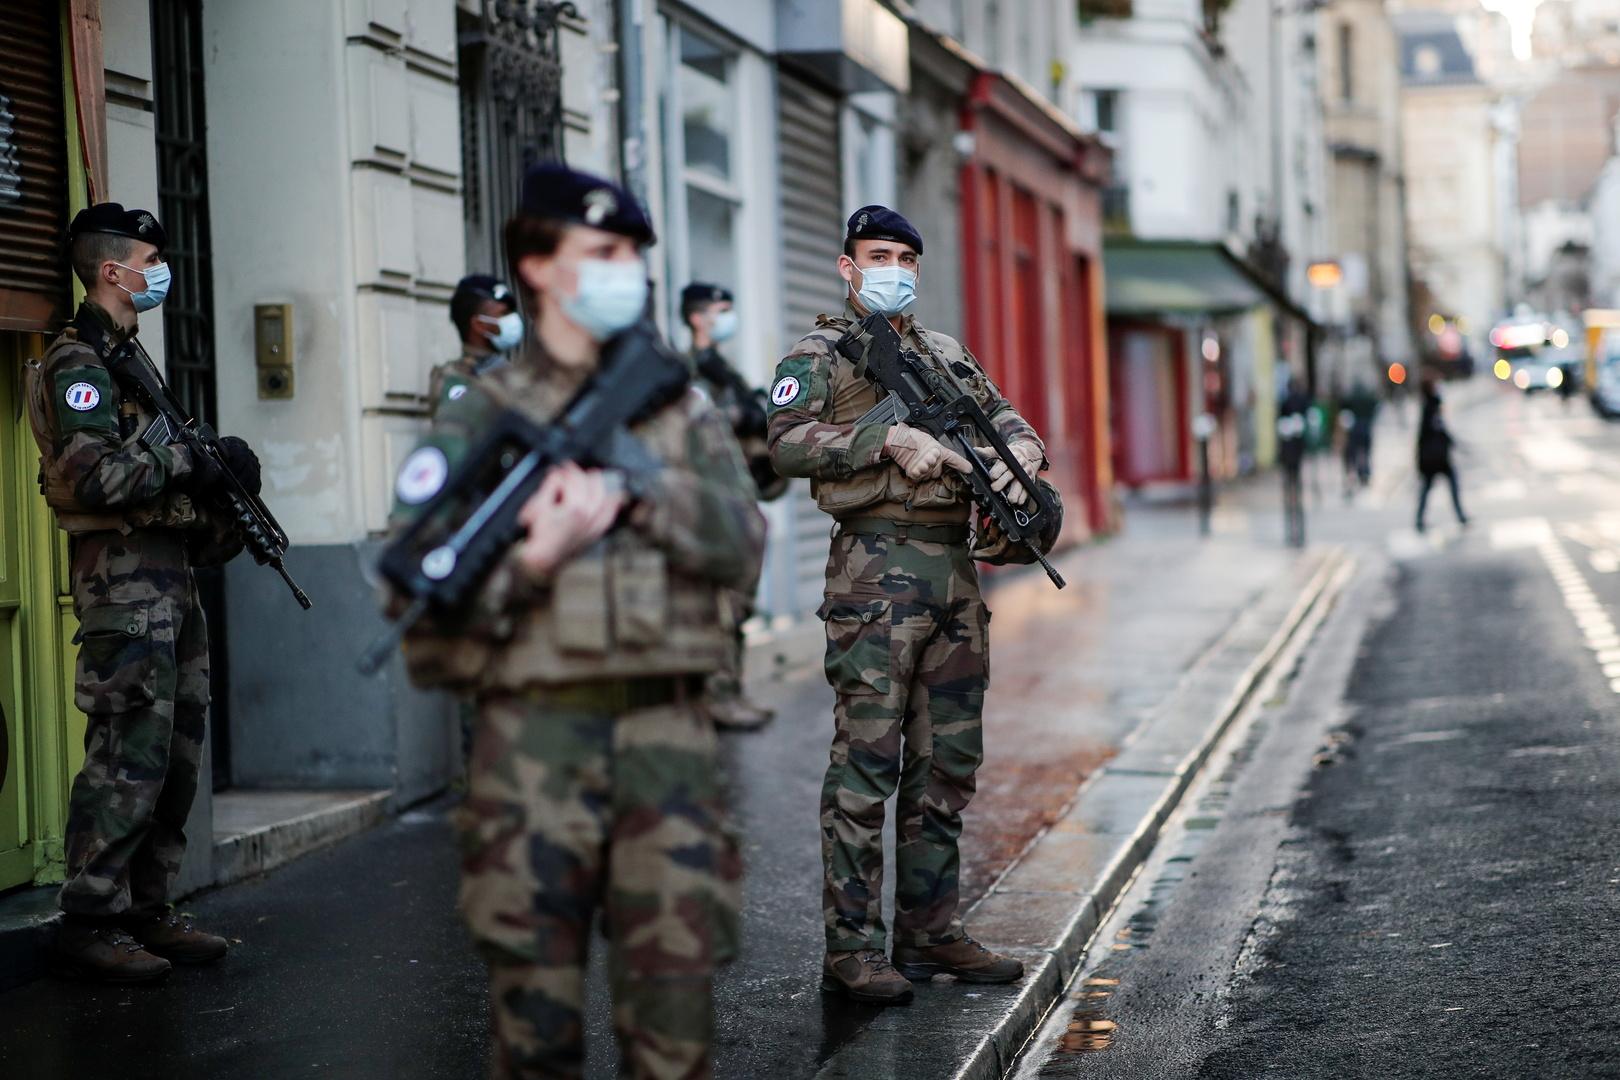 فرنسا تعمل على تطوير طاقات جنودها ليصبحوا خارقين